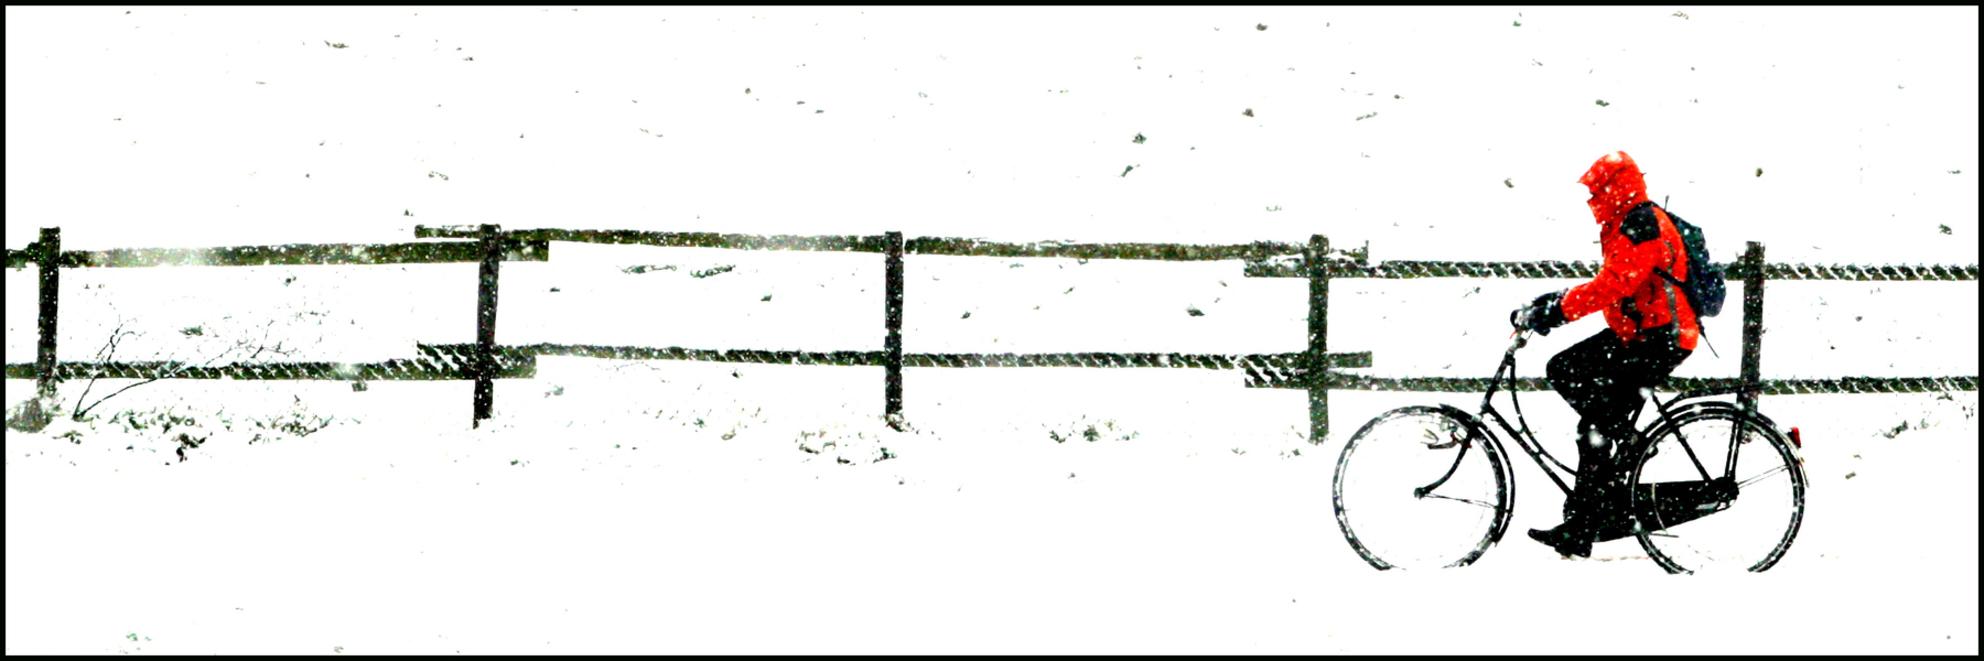 de eenzame fietser - vergroting van:  http://gallery.zoom.nl/foto/425215/de-eenzame-fietser.html - foto door fotovrij.nl op 01-11-2008 - deze foto bevat: kleur, wit, hek, panorama, sneeuw, winter, fiets, silhouet, fietser, fel, fietsen, kou, contrast, weiland, winterlandschap, winterjas - Deze foto mag gebruikt worden in een Zoom.nl publicatie